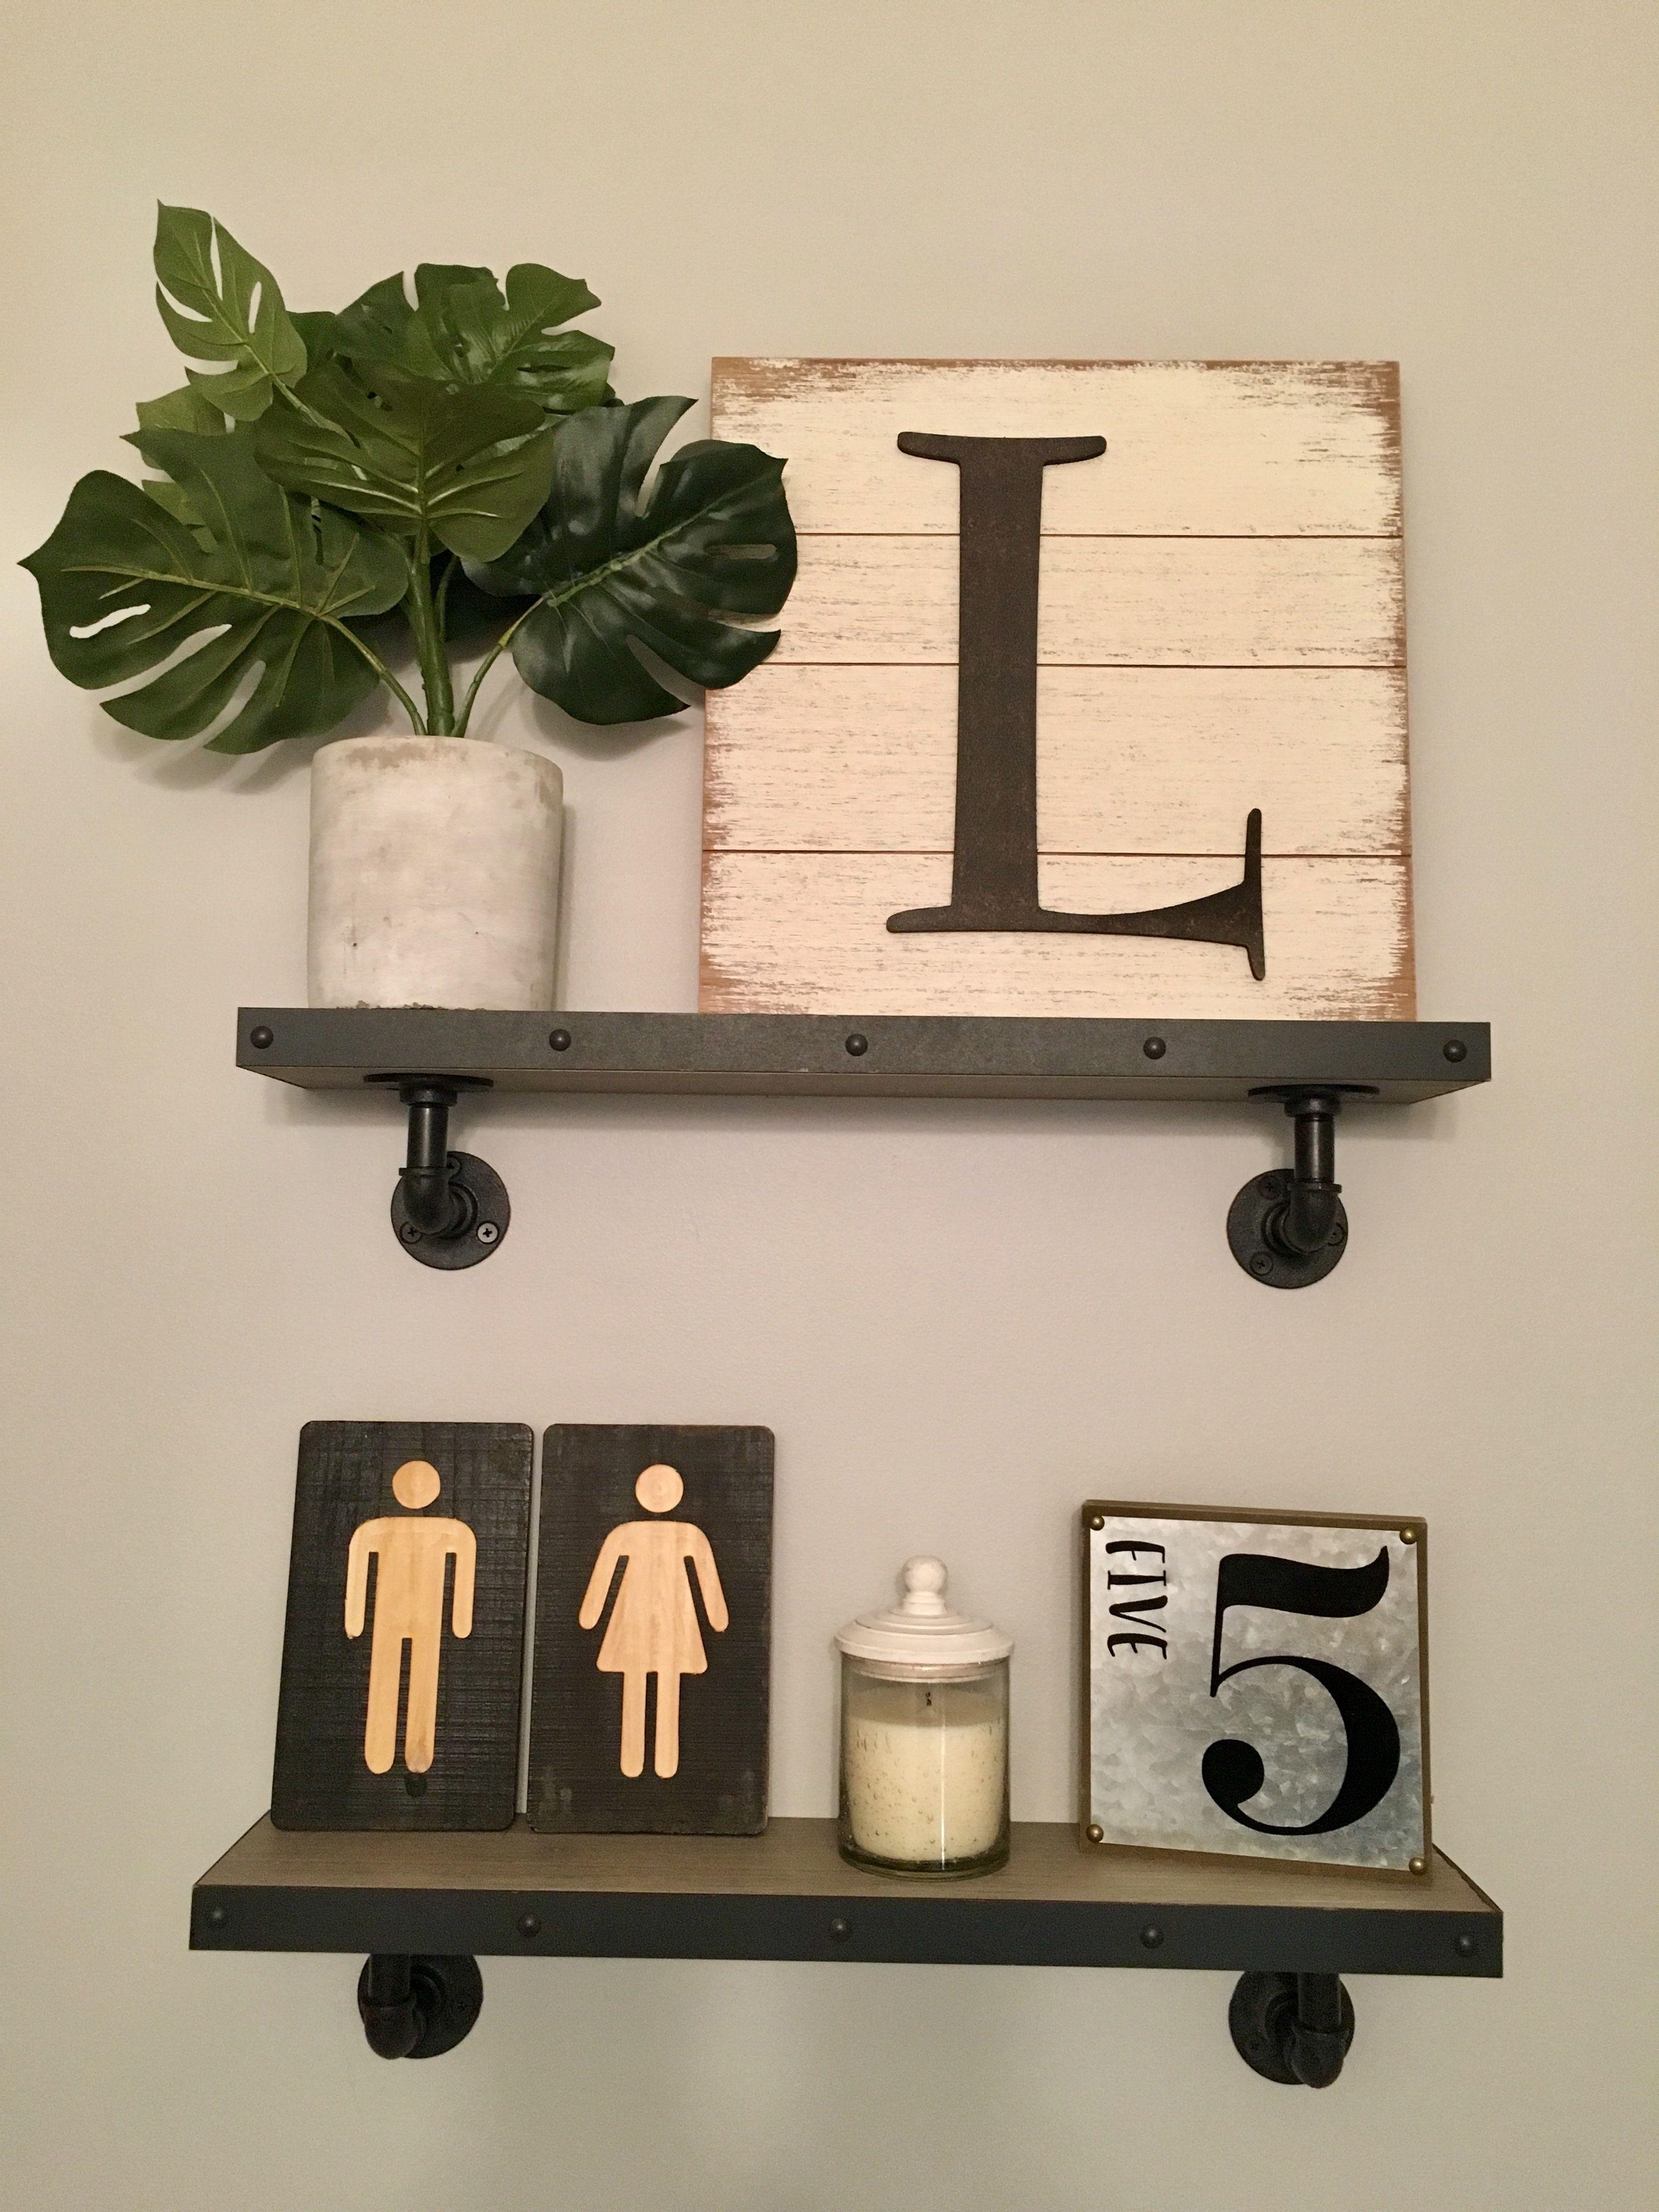 Bathroom Shelf Decor Over Toilet, Shelving Decor, Industrial Shelves, Floating